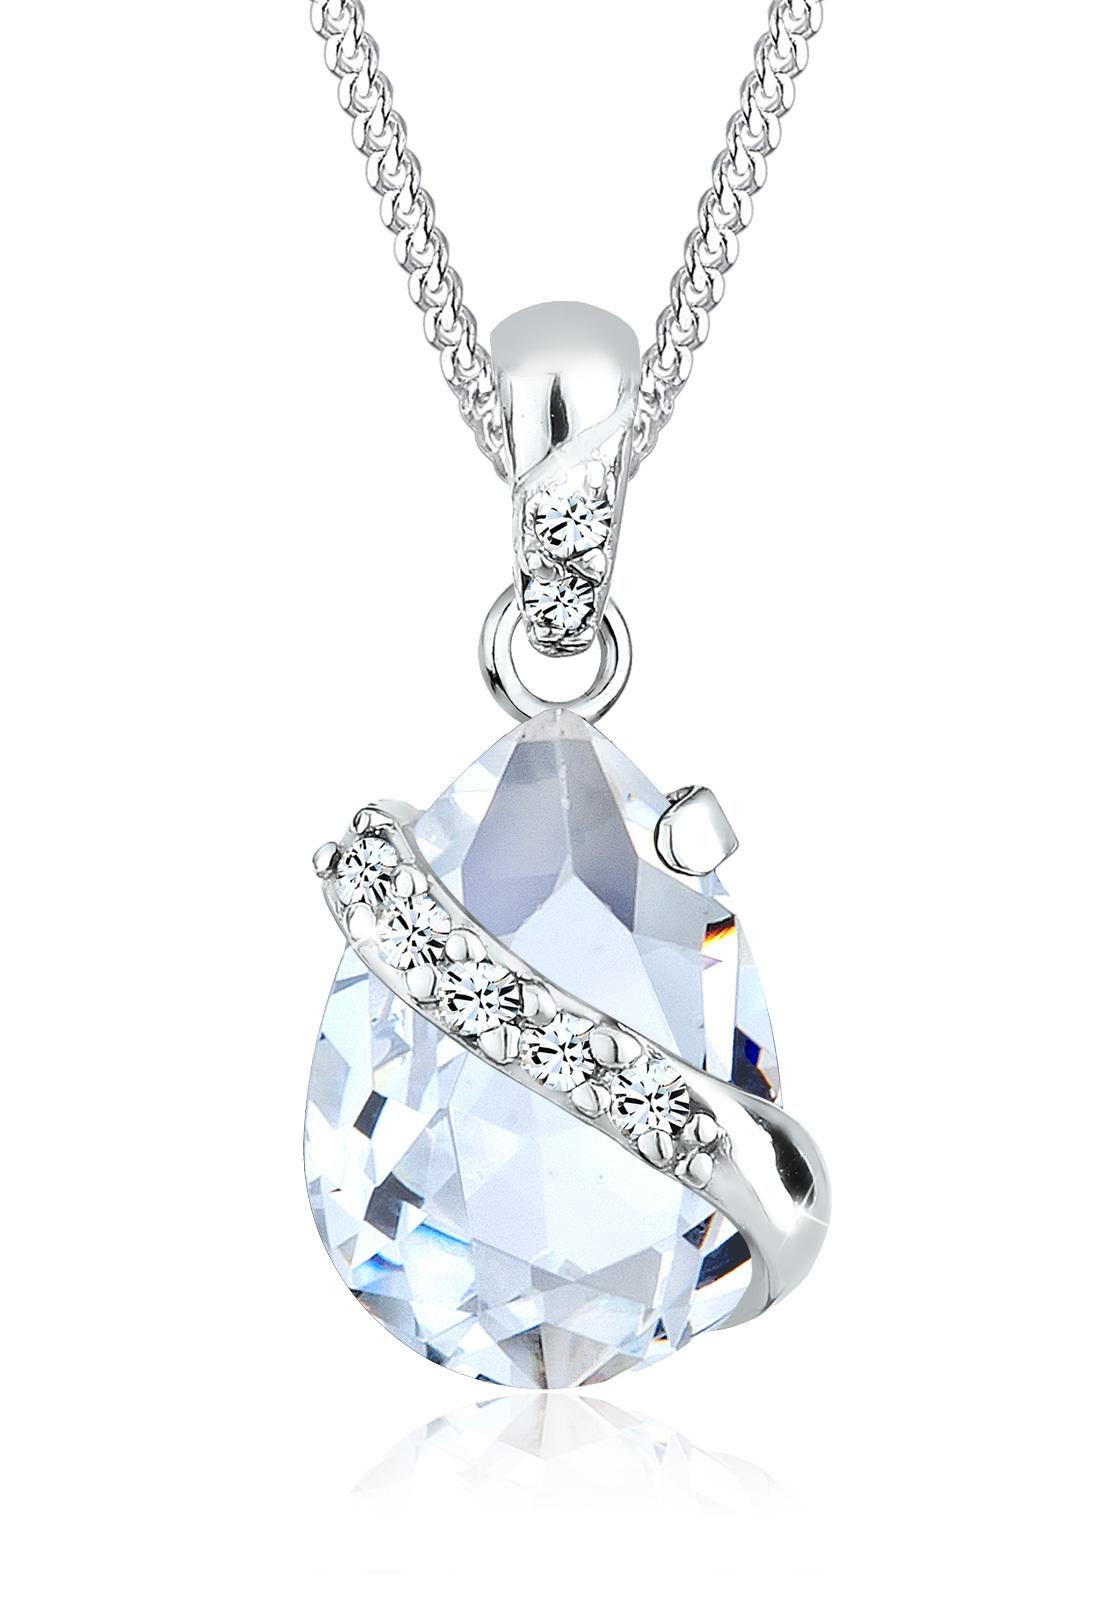 Halskette Tropfen   Kristall ( Weiß )   925er Sterling Silber